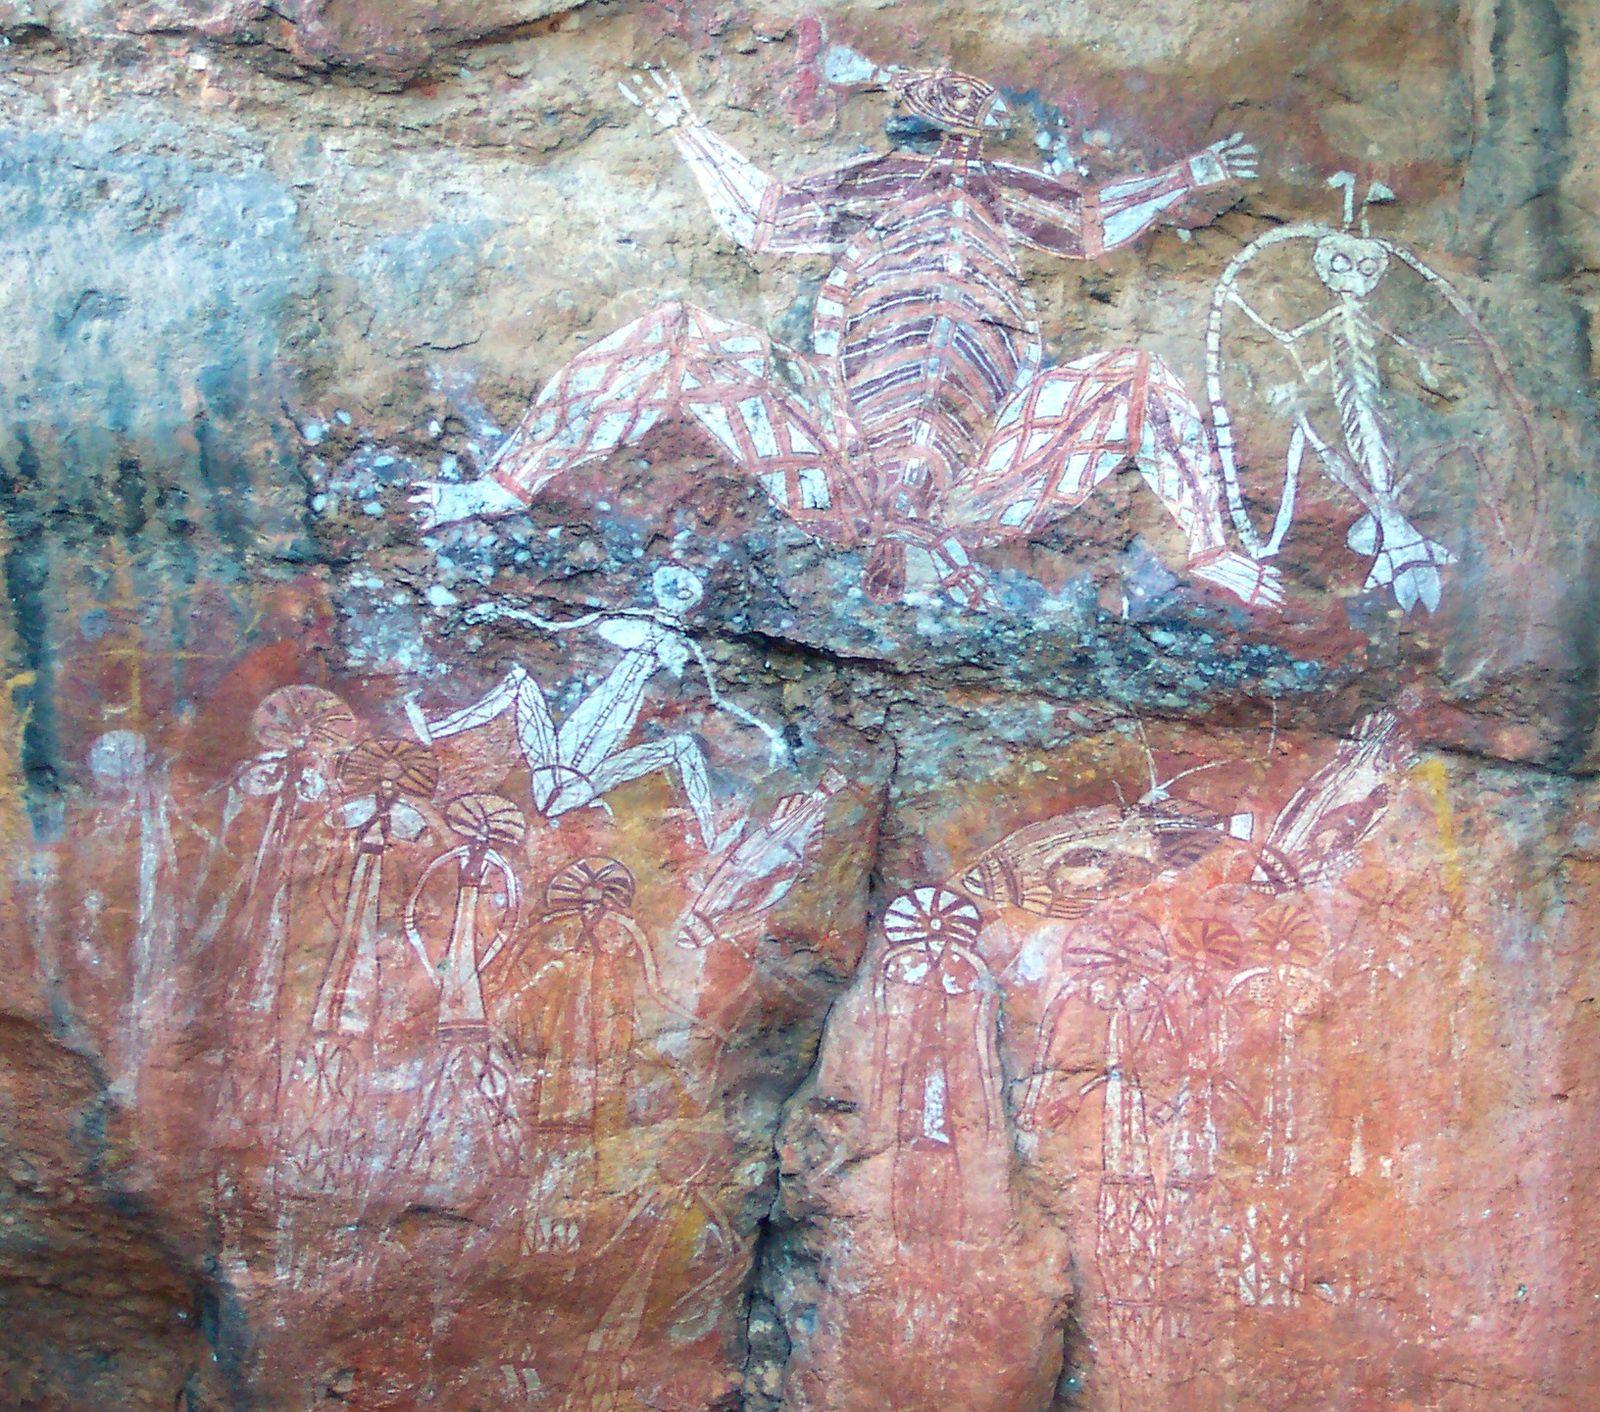 Ubirr Rock art peintures aborigenes australie